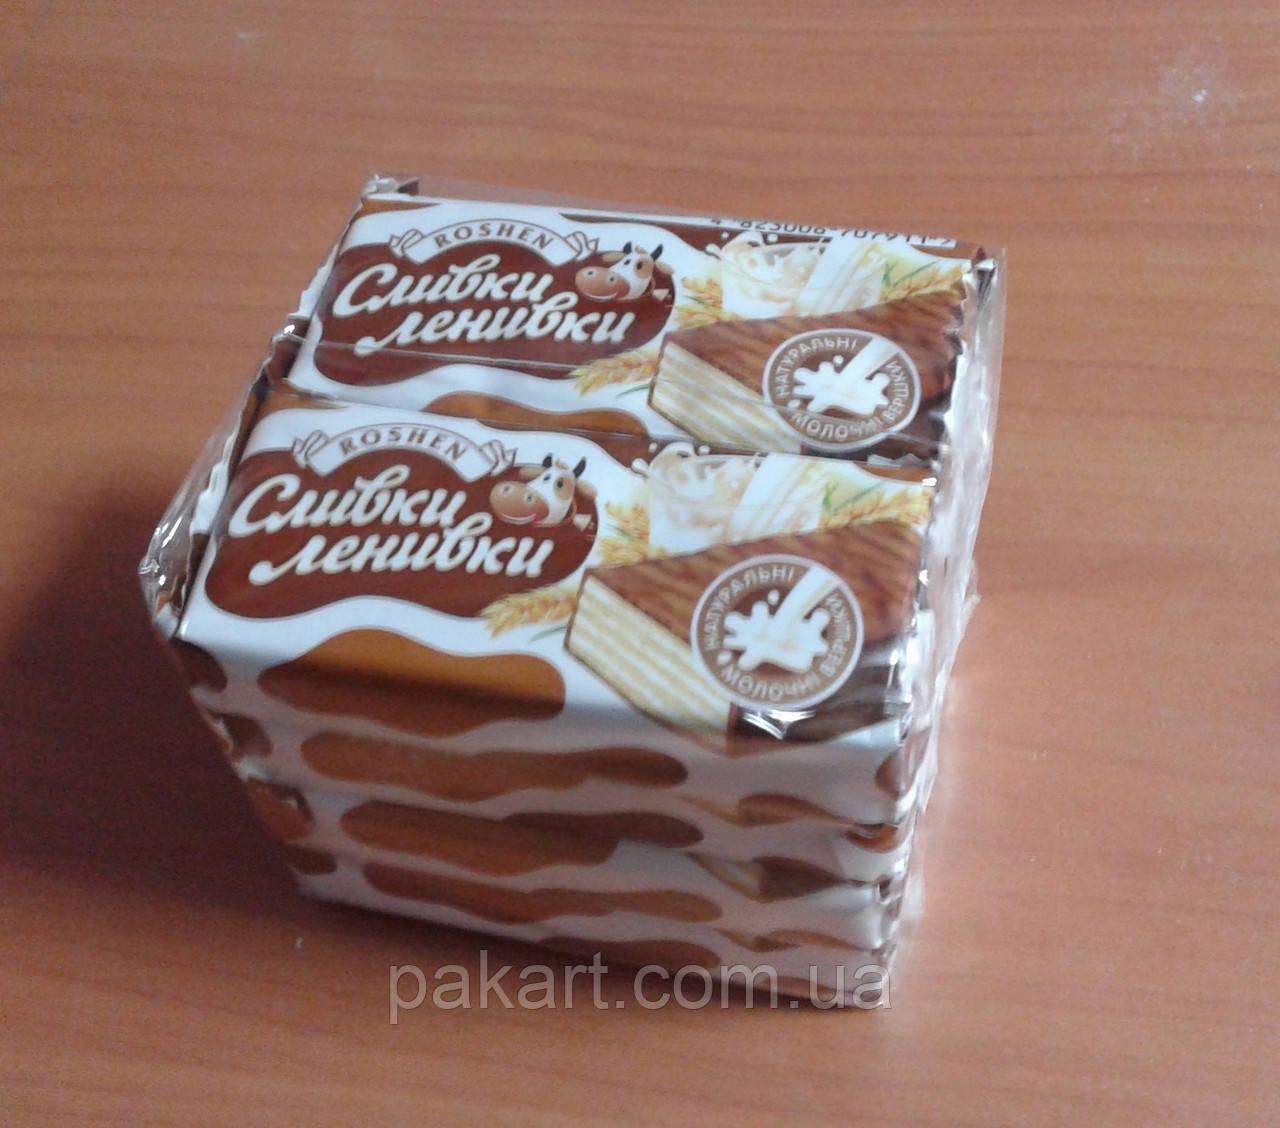 Надаємо послугу по упаковці цукерок. Упаковка конфет в полипропиленовую пленку